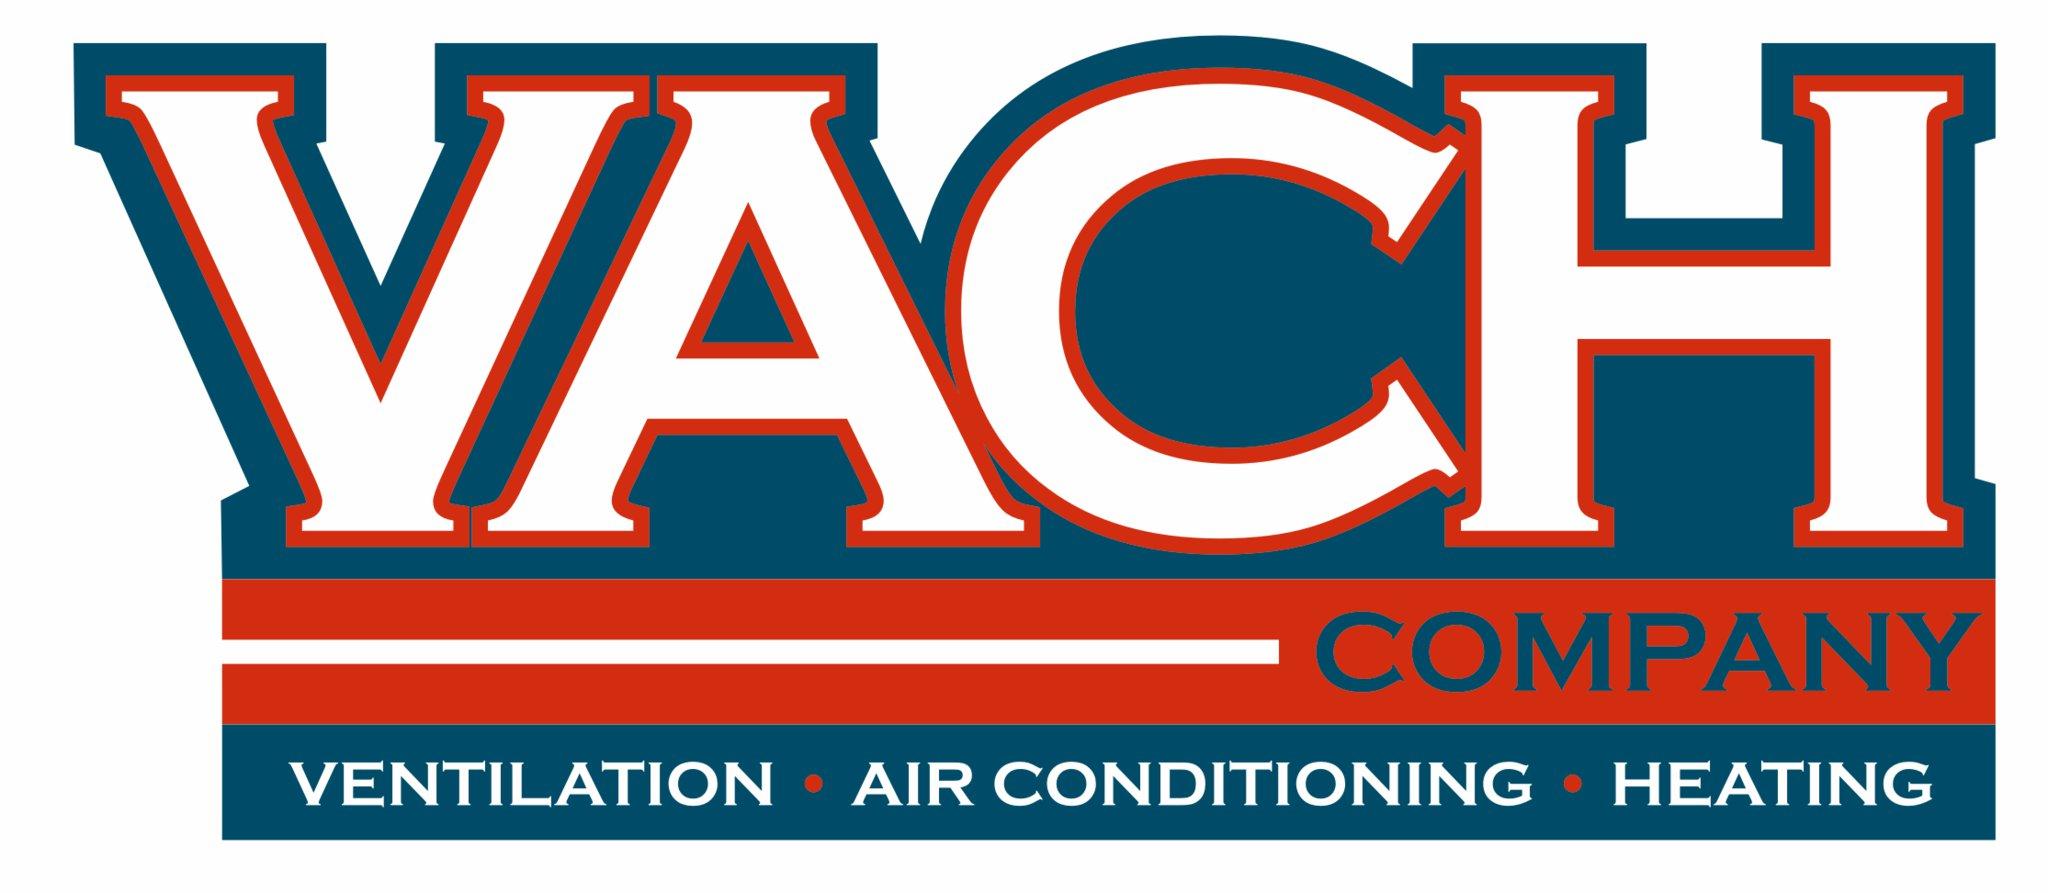 Vach logo